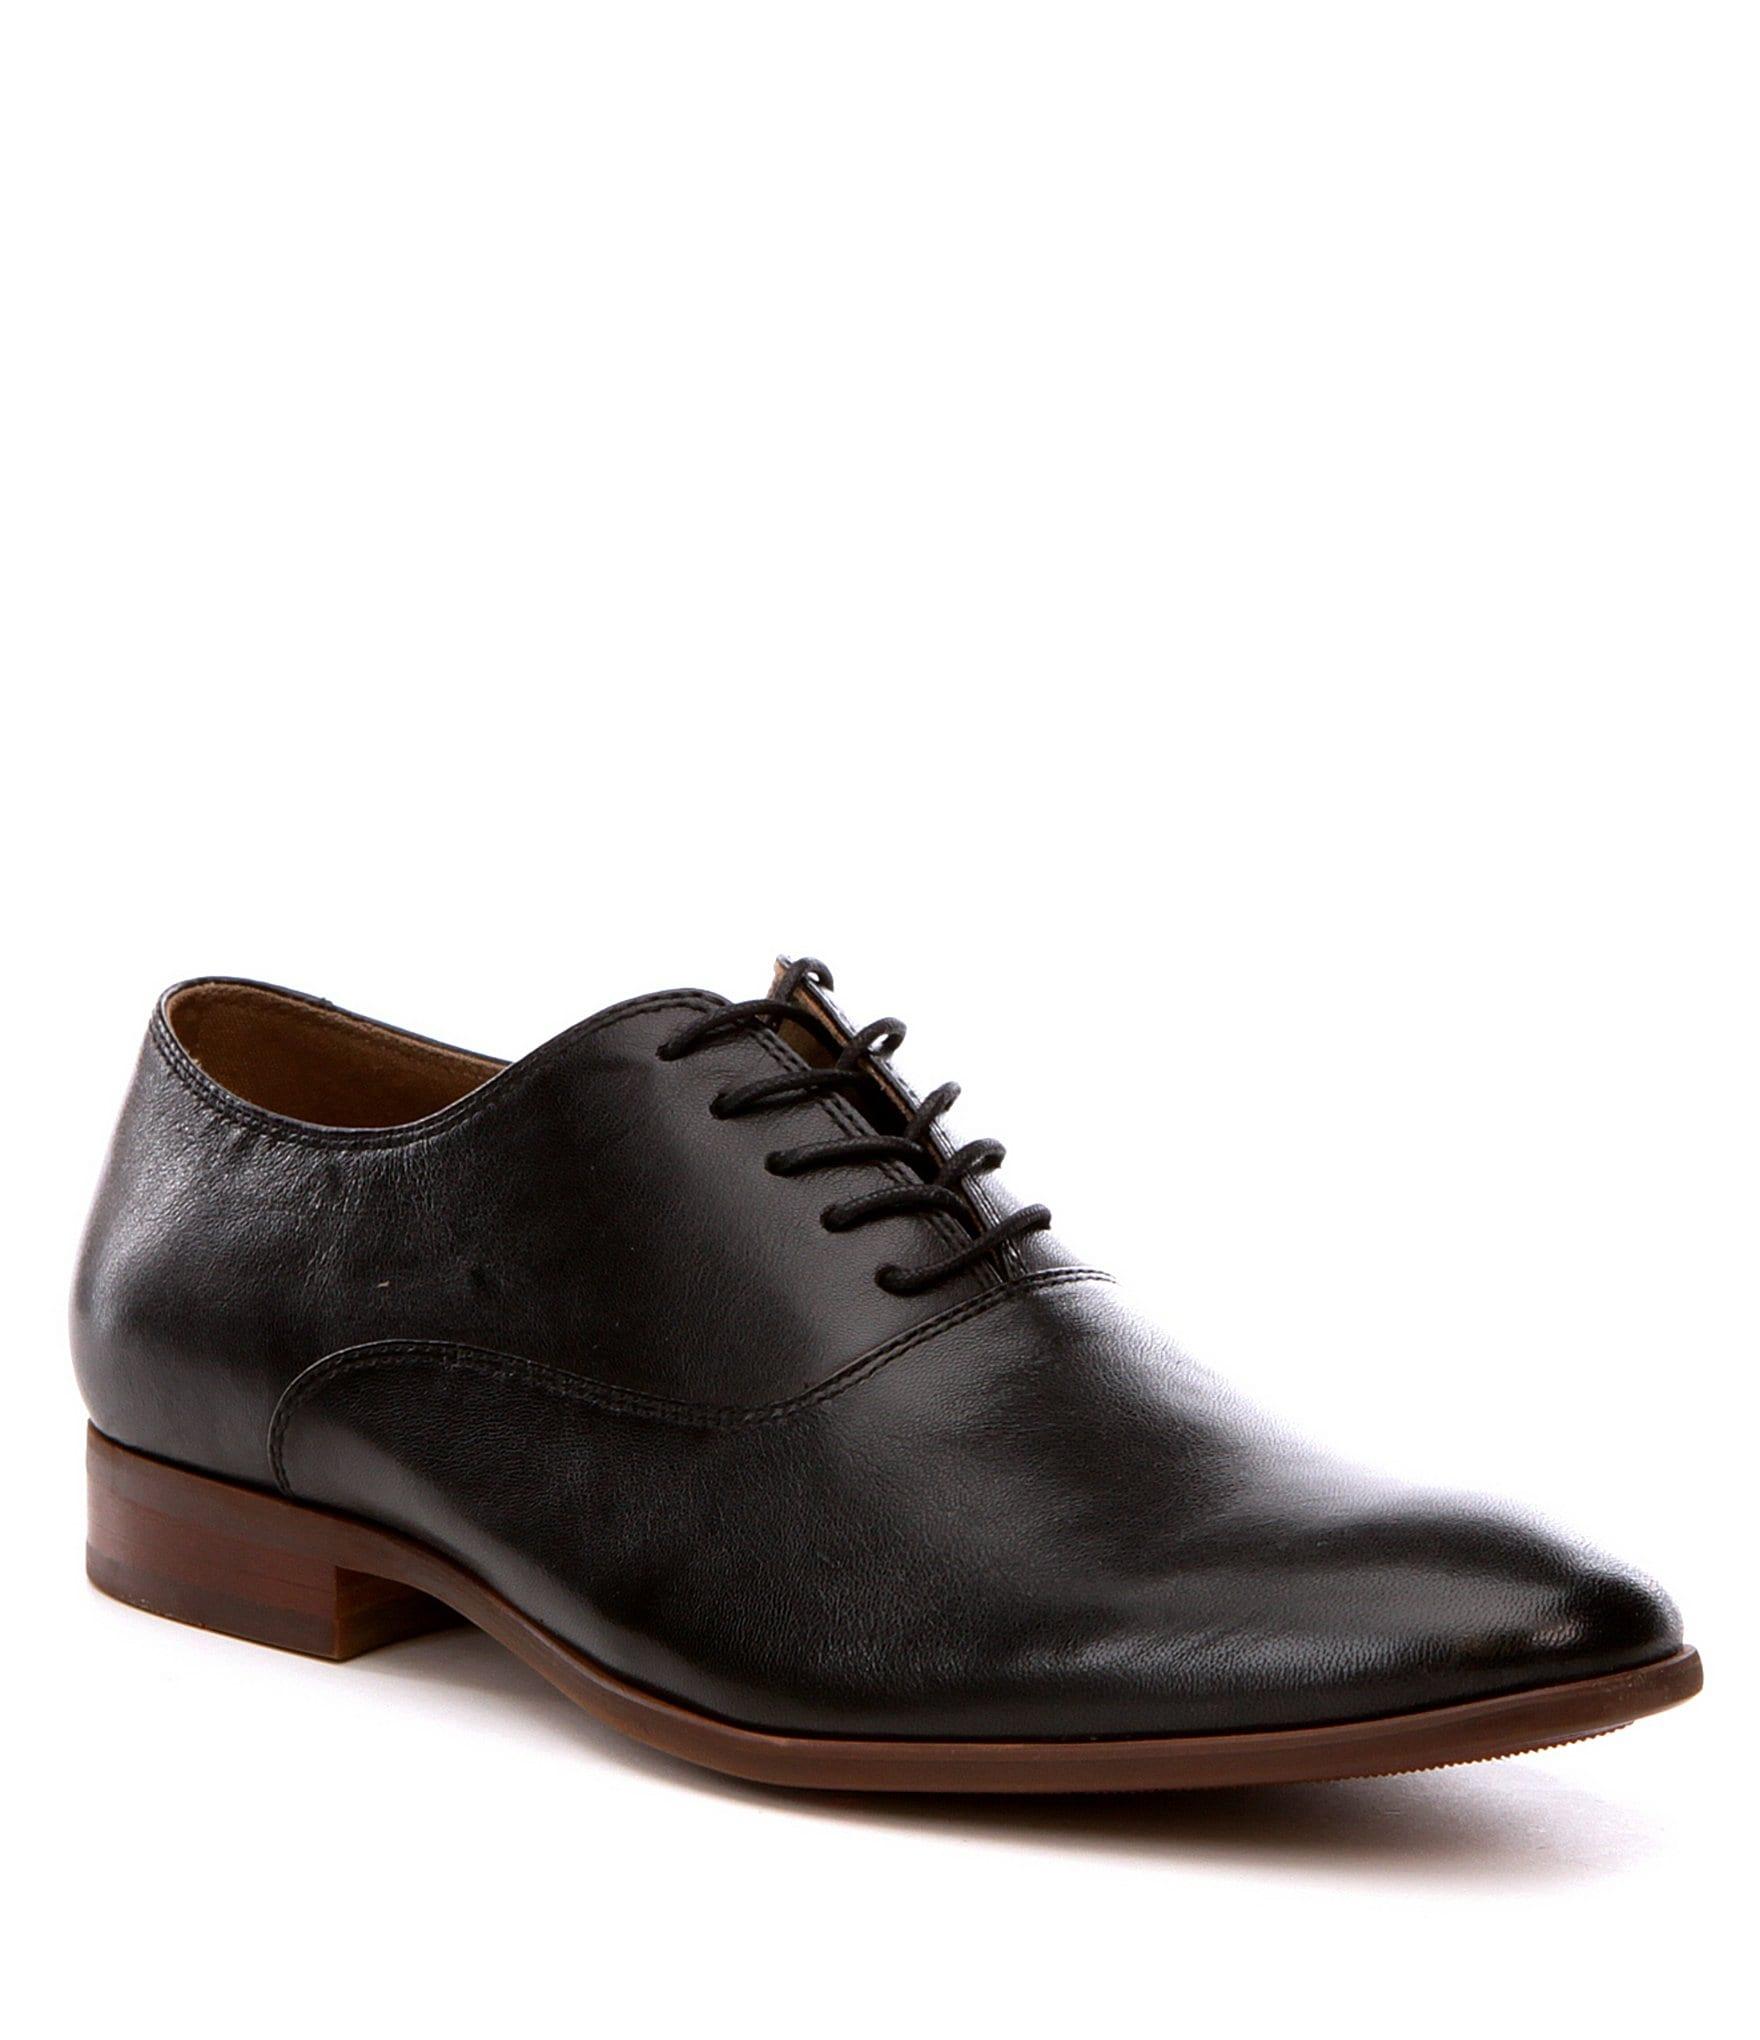 Aldo Mens Shoes True To Size